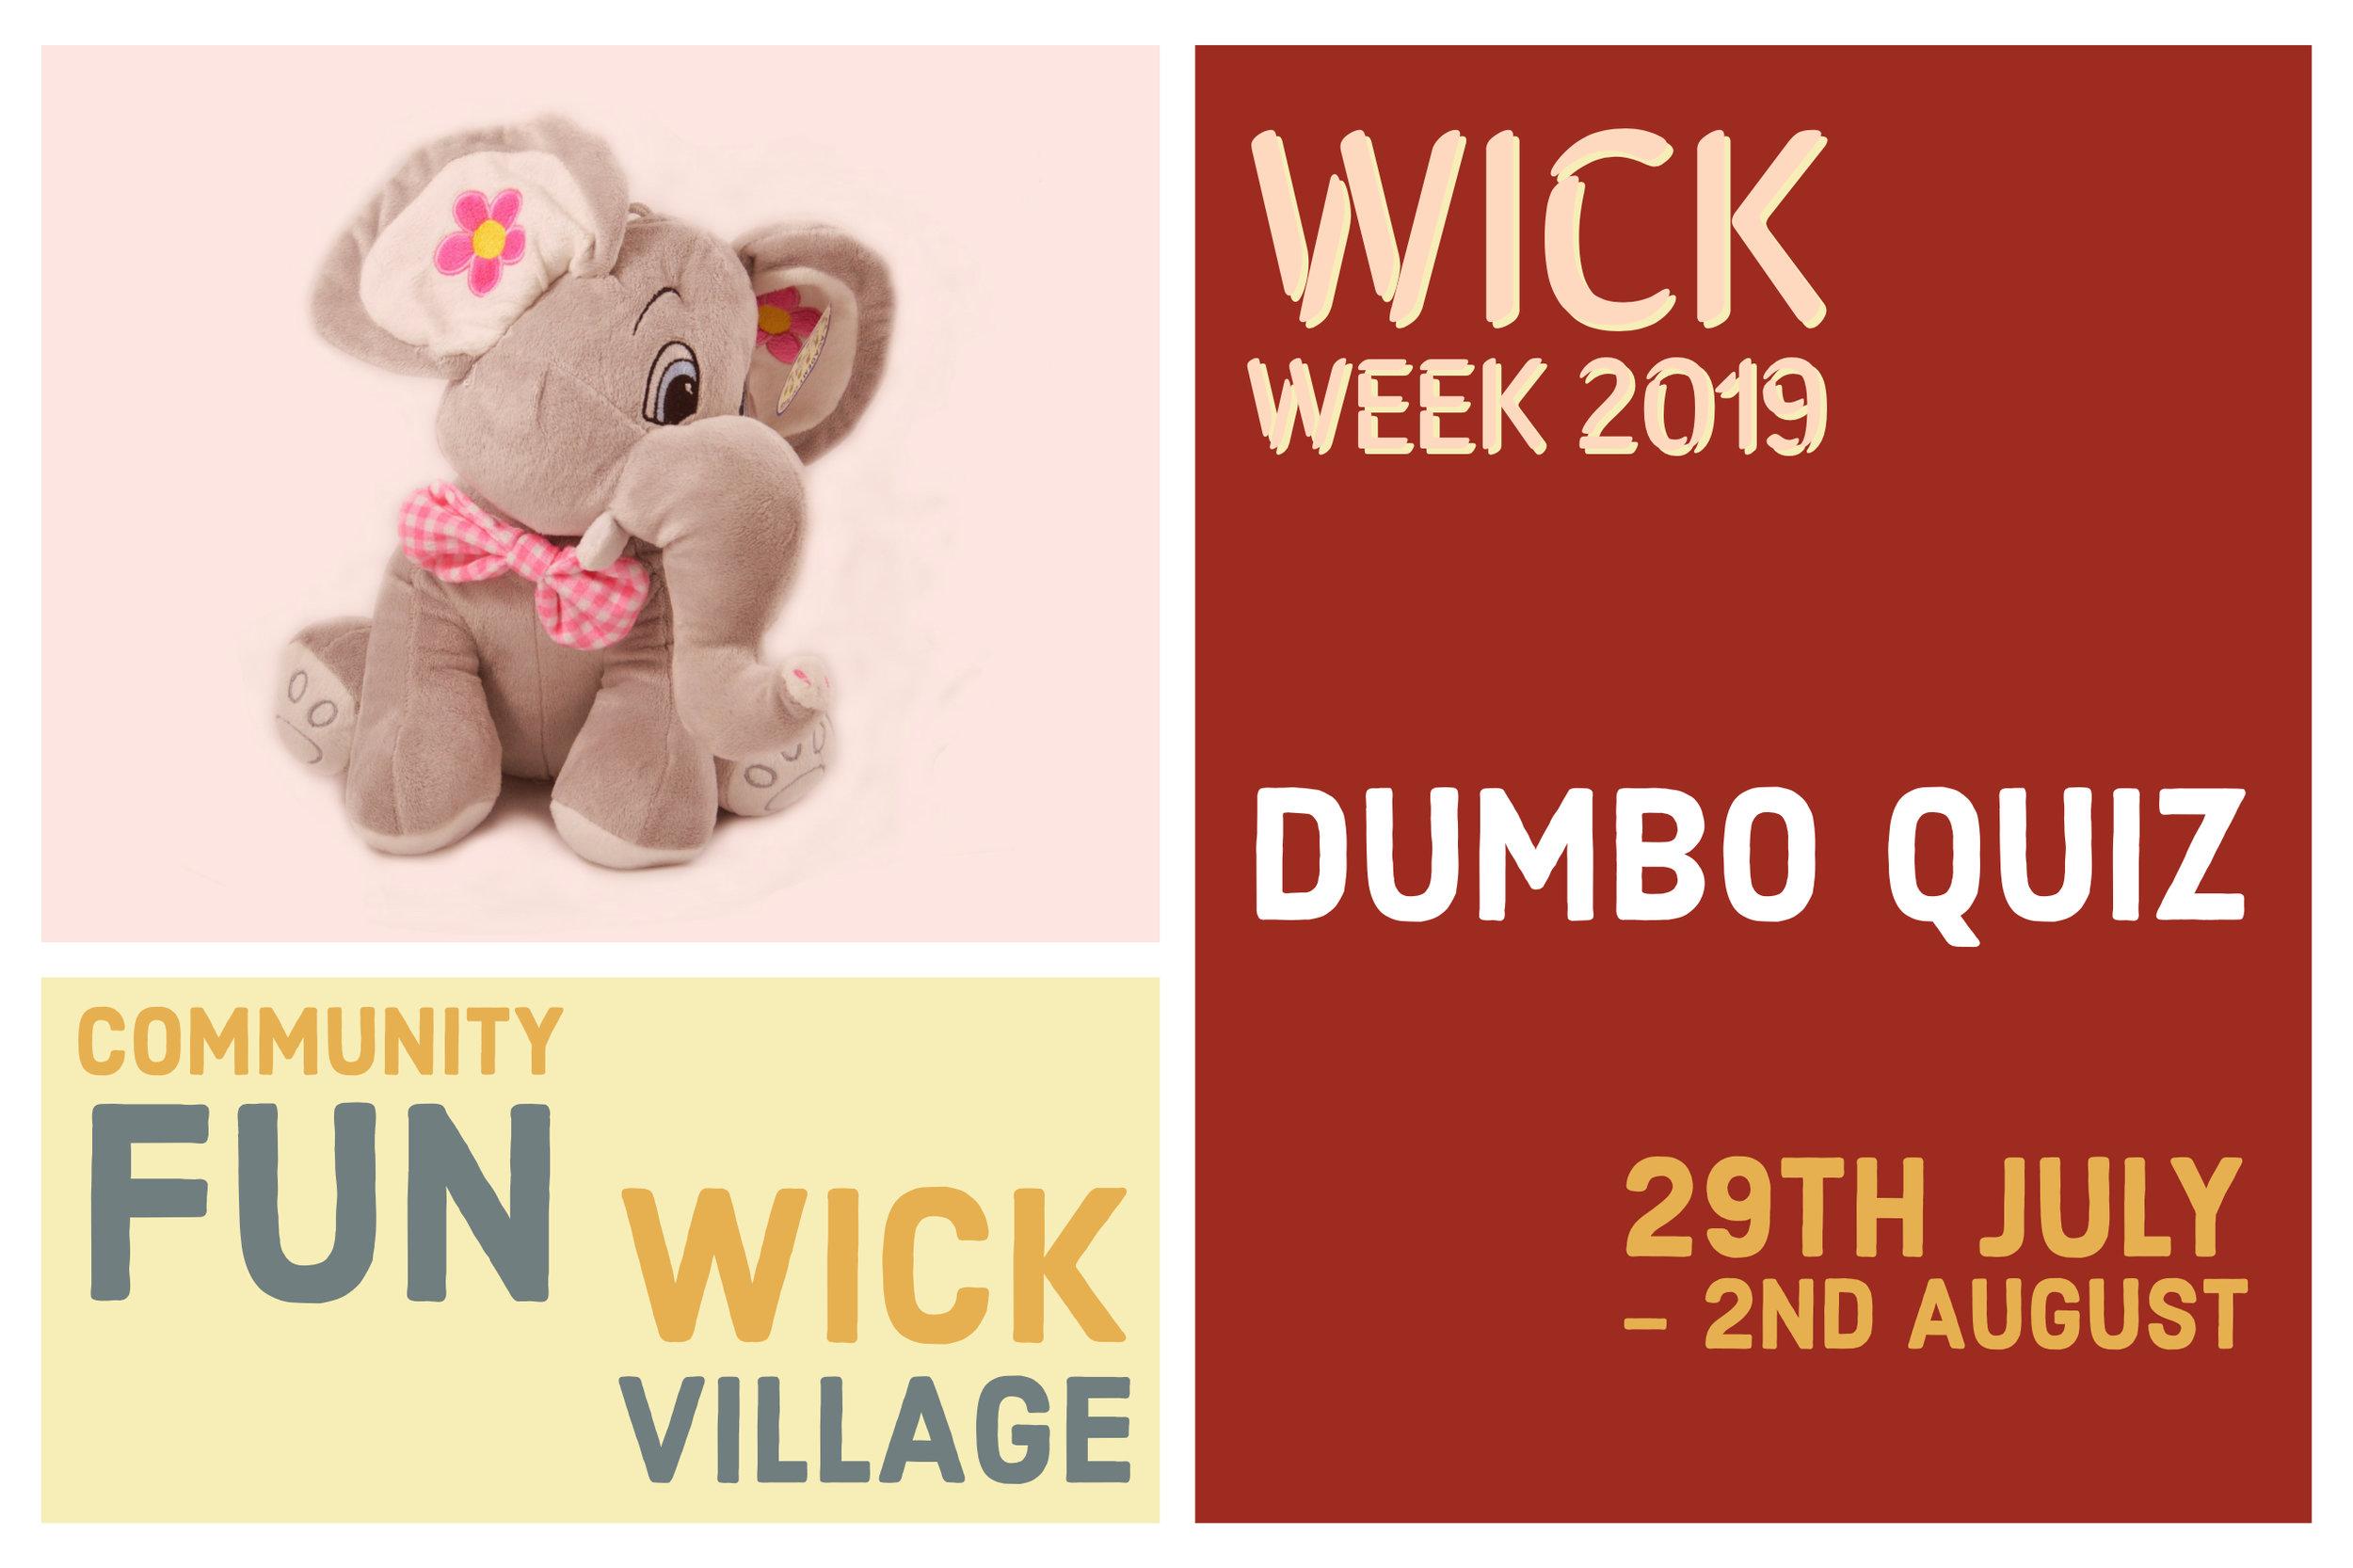 Wick Week 2019 - Dumbo Quiz.